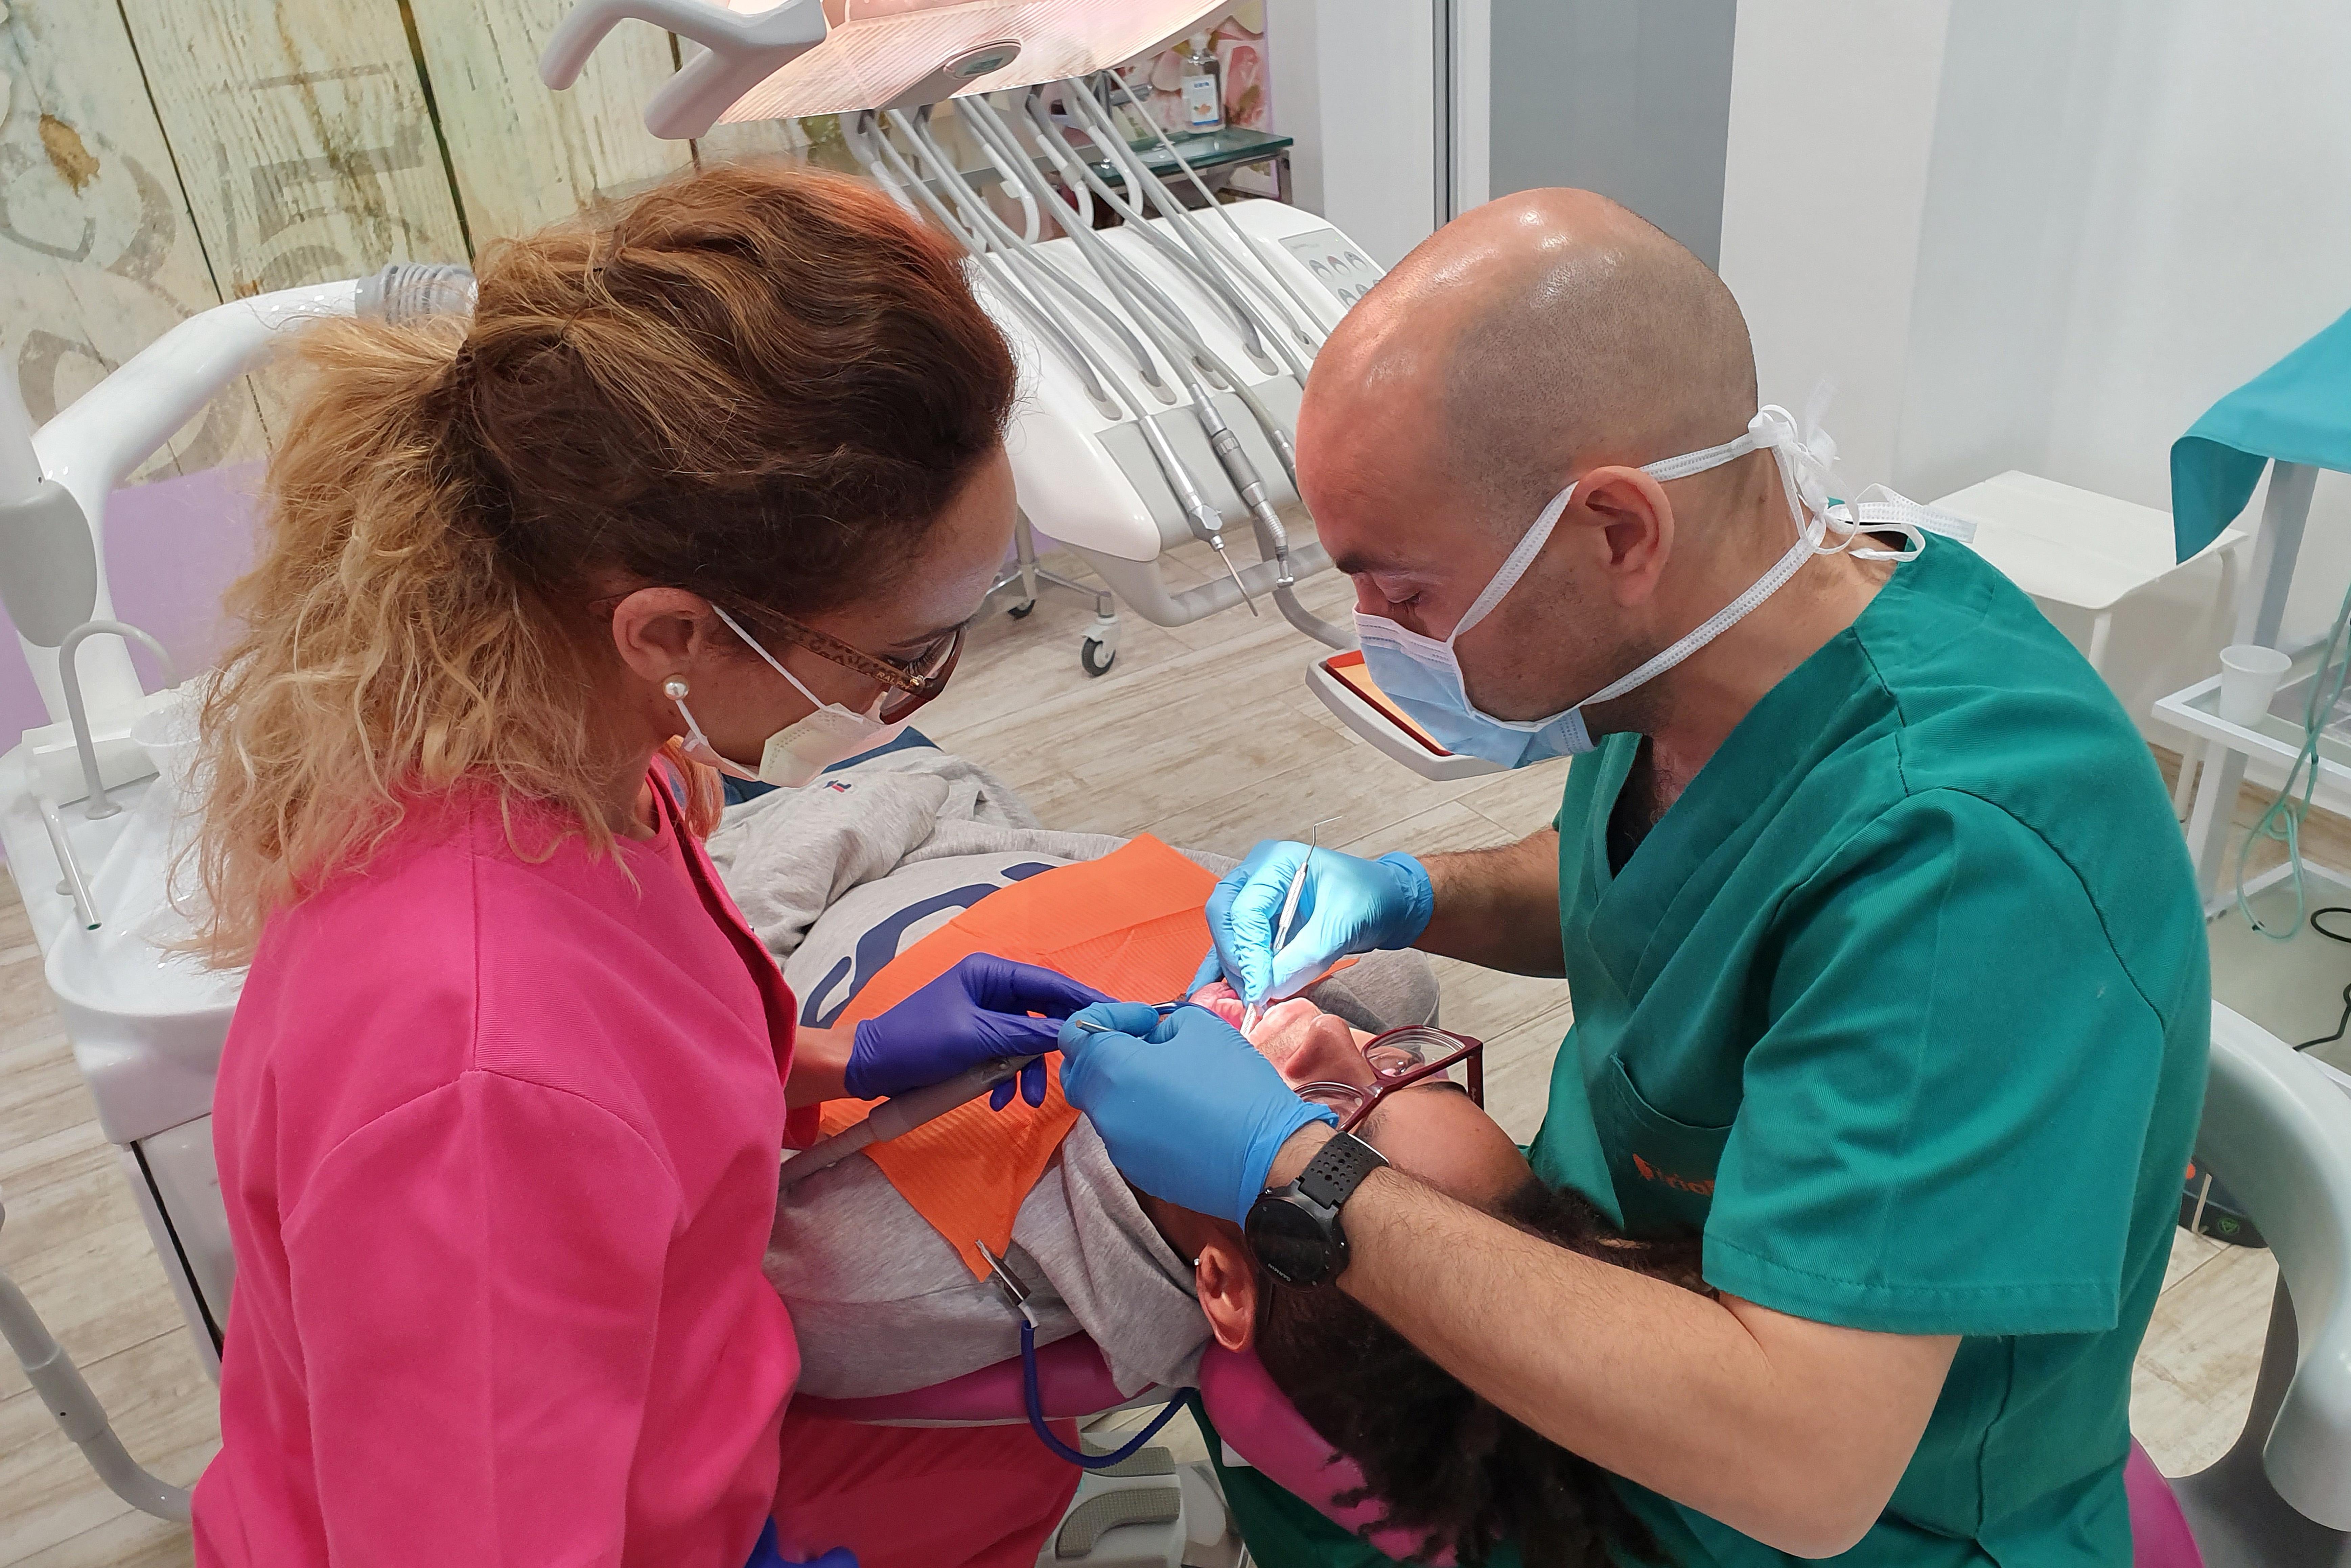 Dr Romero Fuentes e higienista Carmen Jiménez con paciente en gabinete